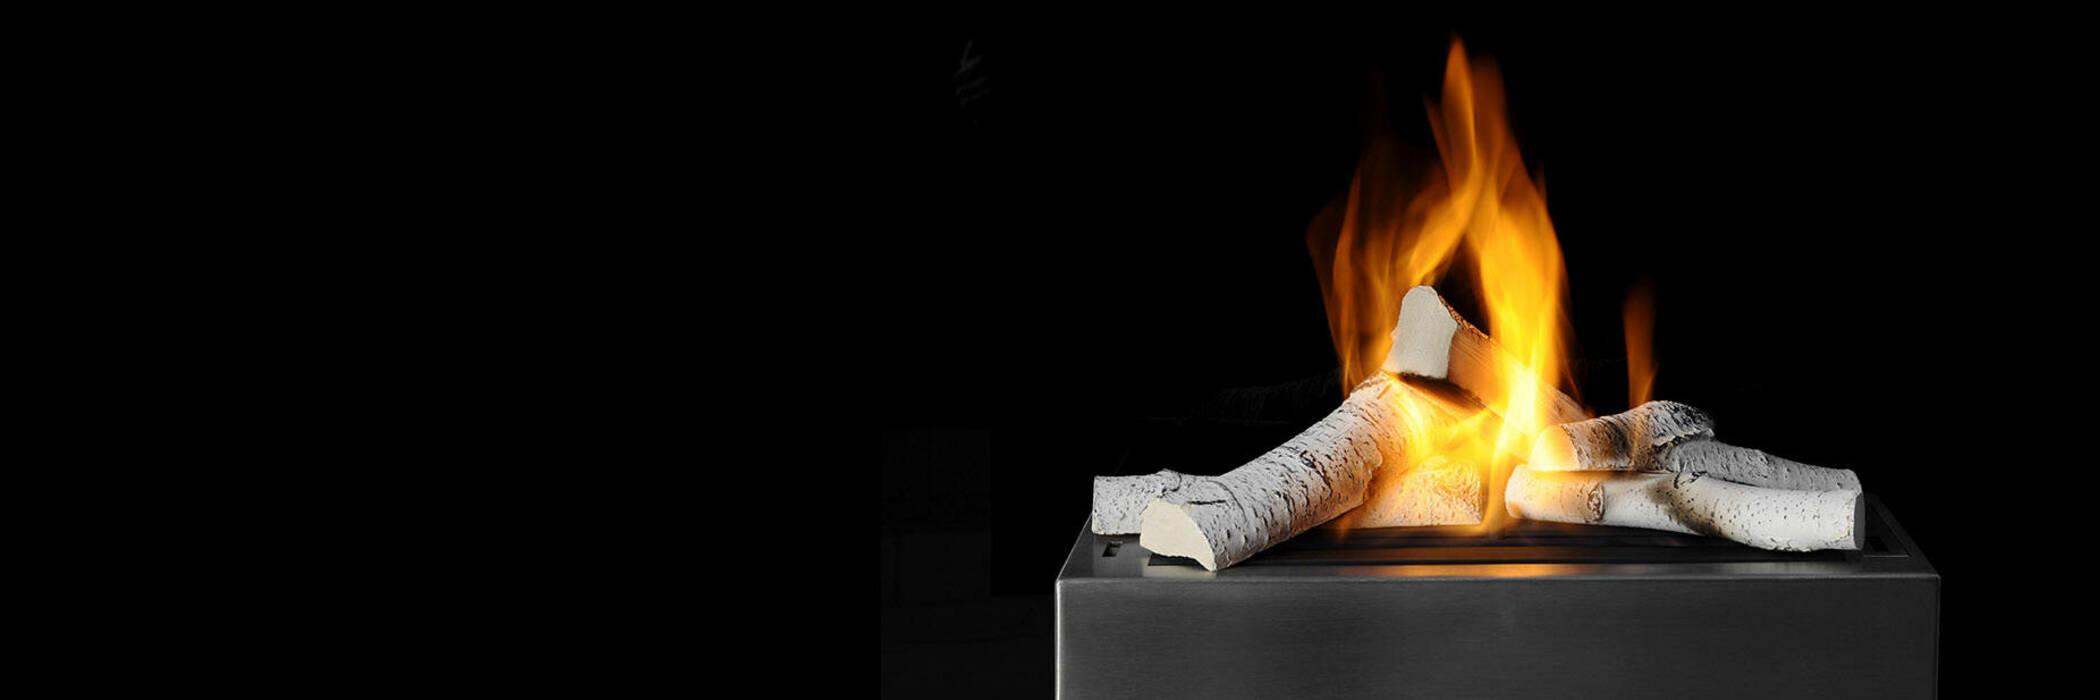 15june ethanol burners hero